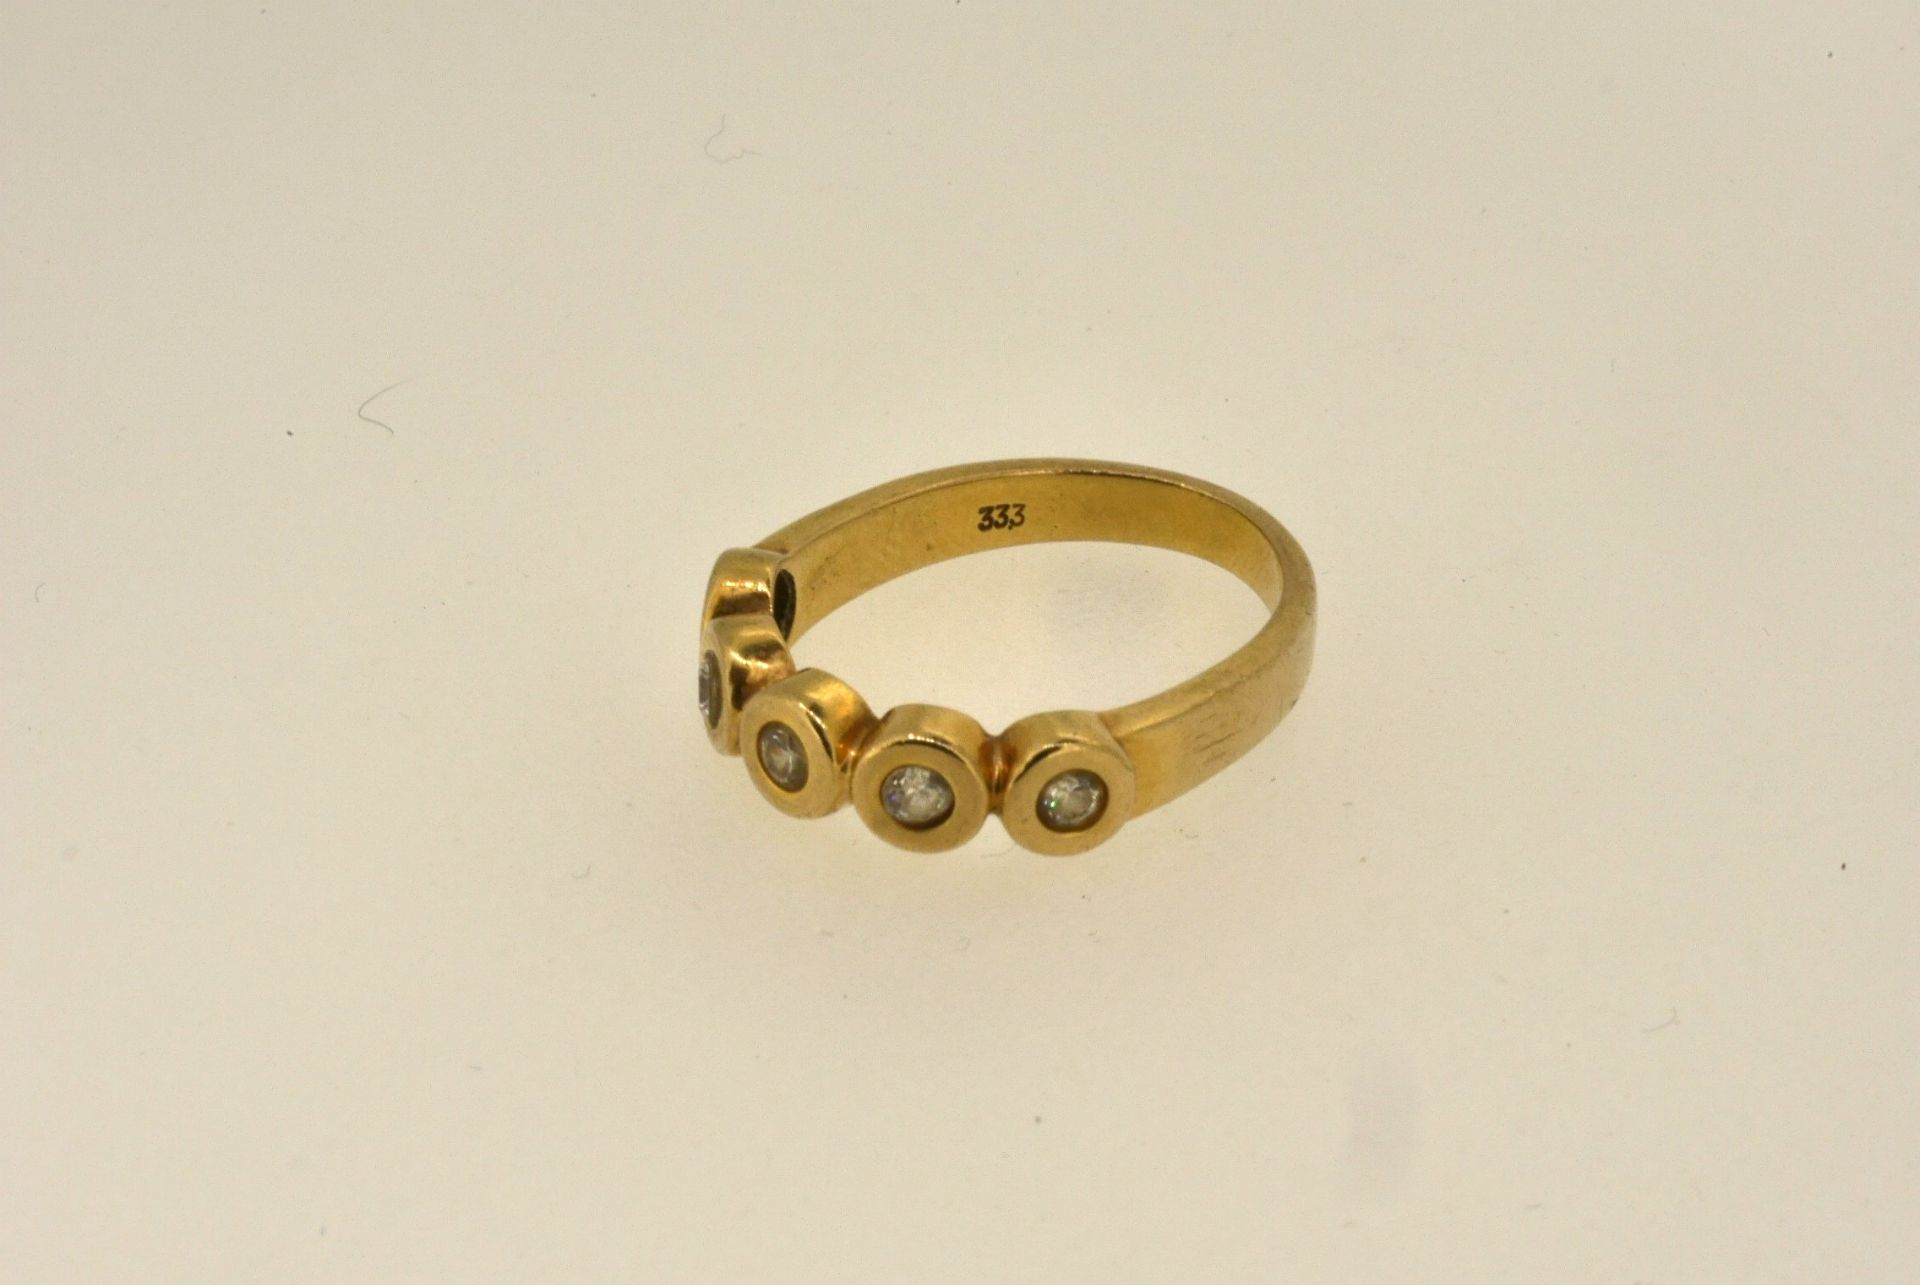 Ring GG 333, Zirkonia, 3,36 Gramm - Bild 2 aus 4